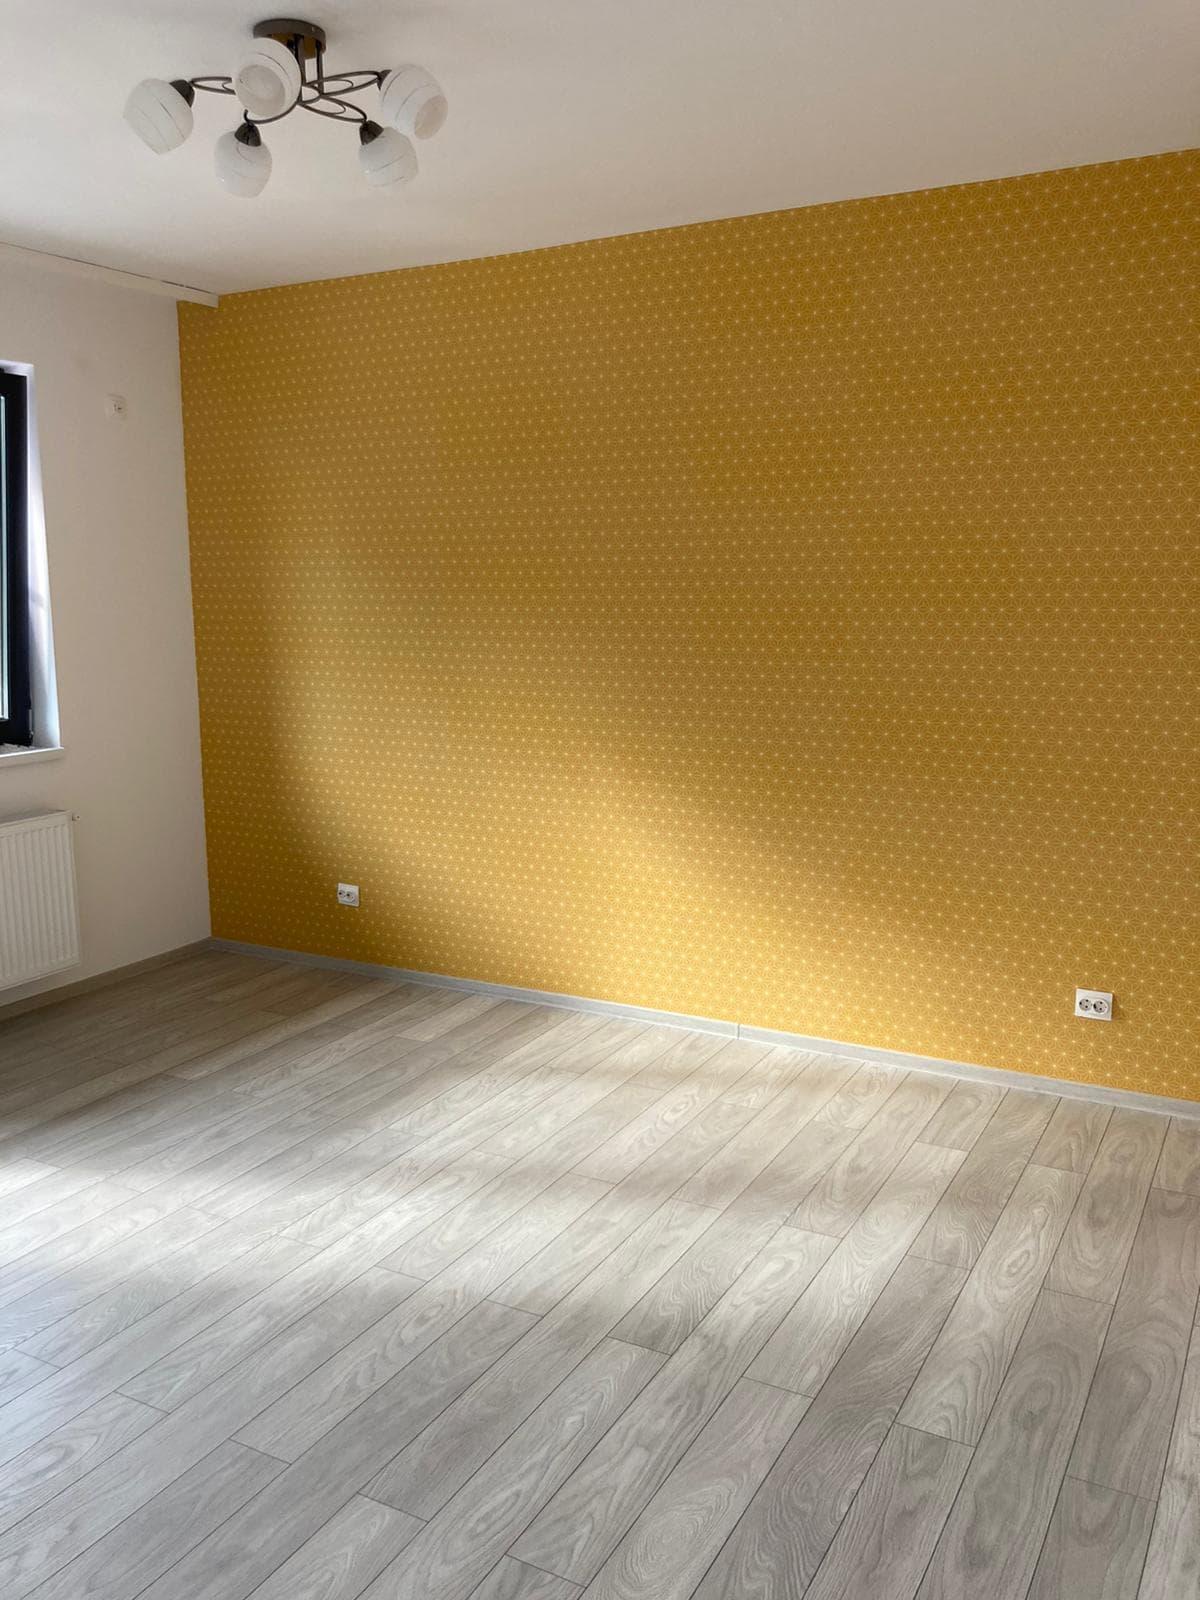 1 16 - Firma de amenajari apartamente Brasov - Firma renovari interioare